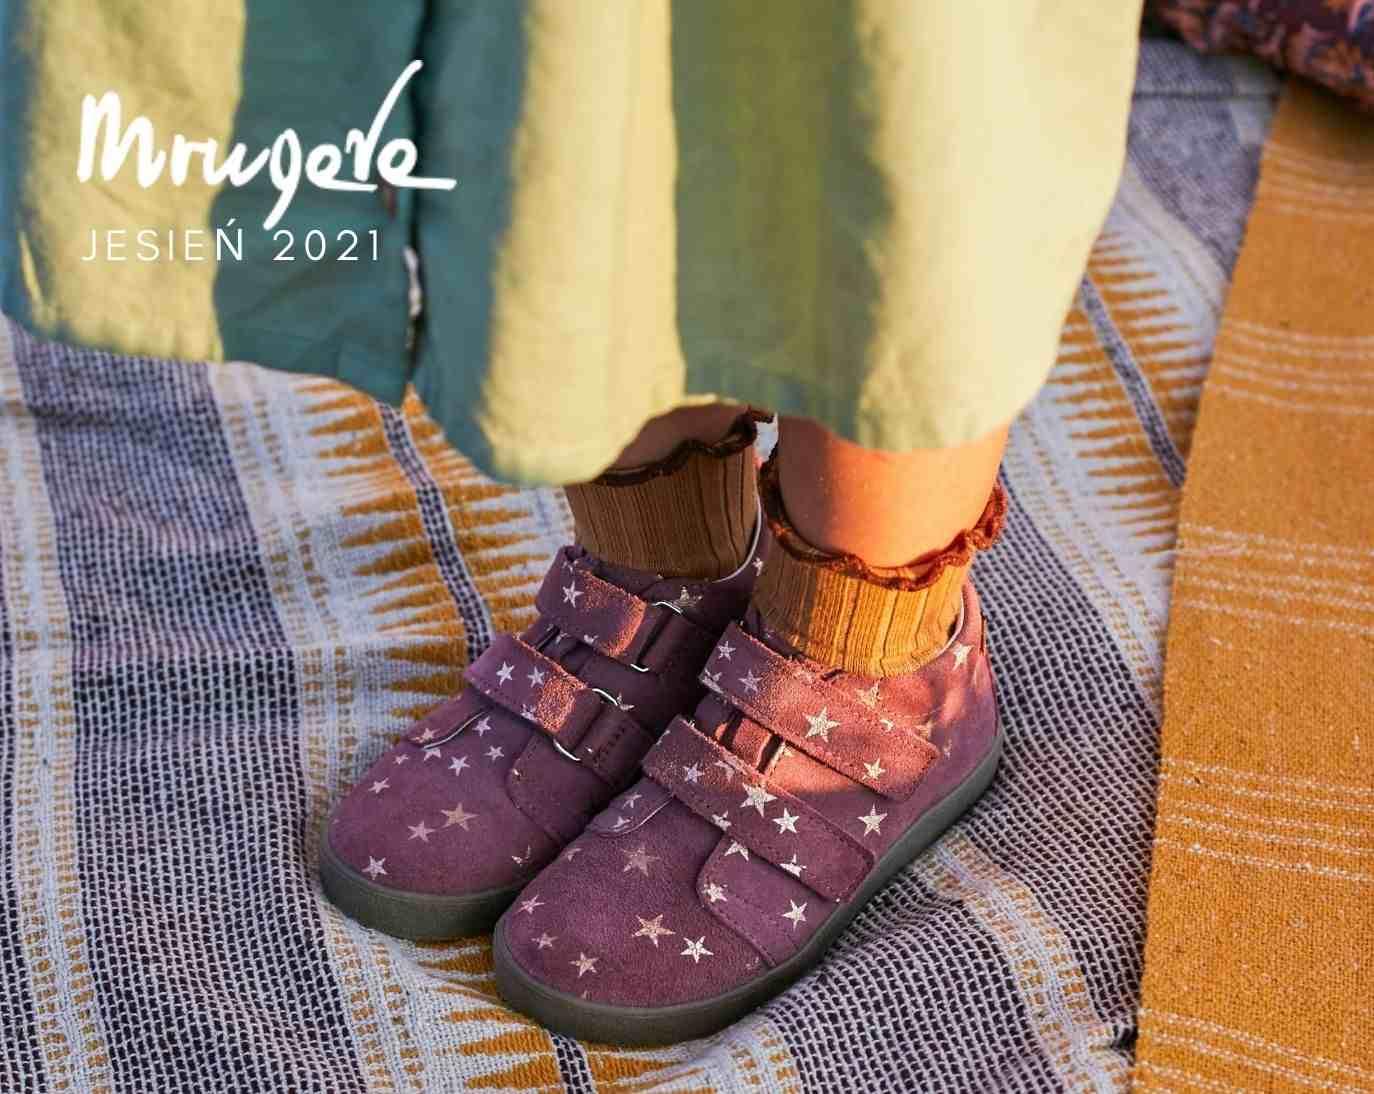 buty dla dzieci mrugała najlepsze chwalipietka (1)_11zon